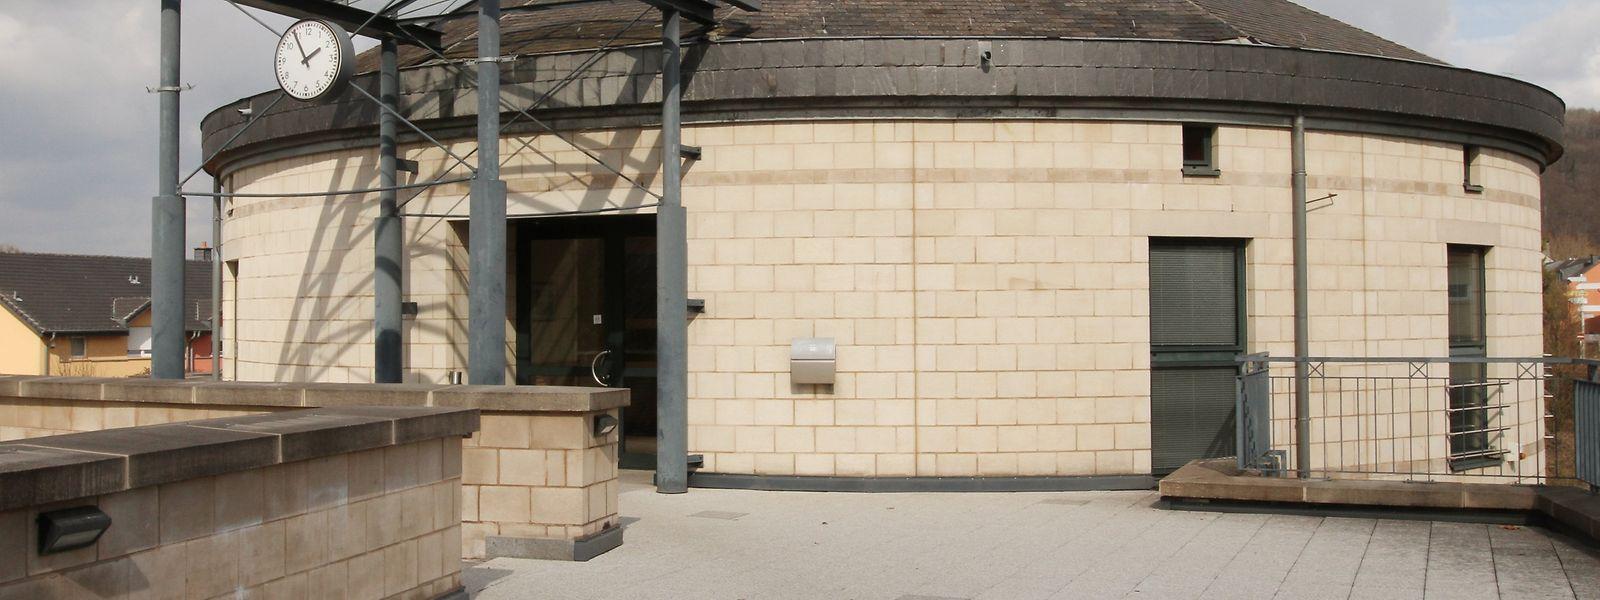 Das 1999 fertiggestellte, runde Gemeindehaus liegt auf dem Kulturzentrum auf und ist auch von der höher gelegenen Avenue Gordon Smith aus erreichbar.